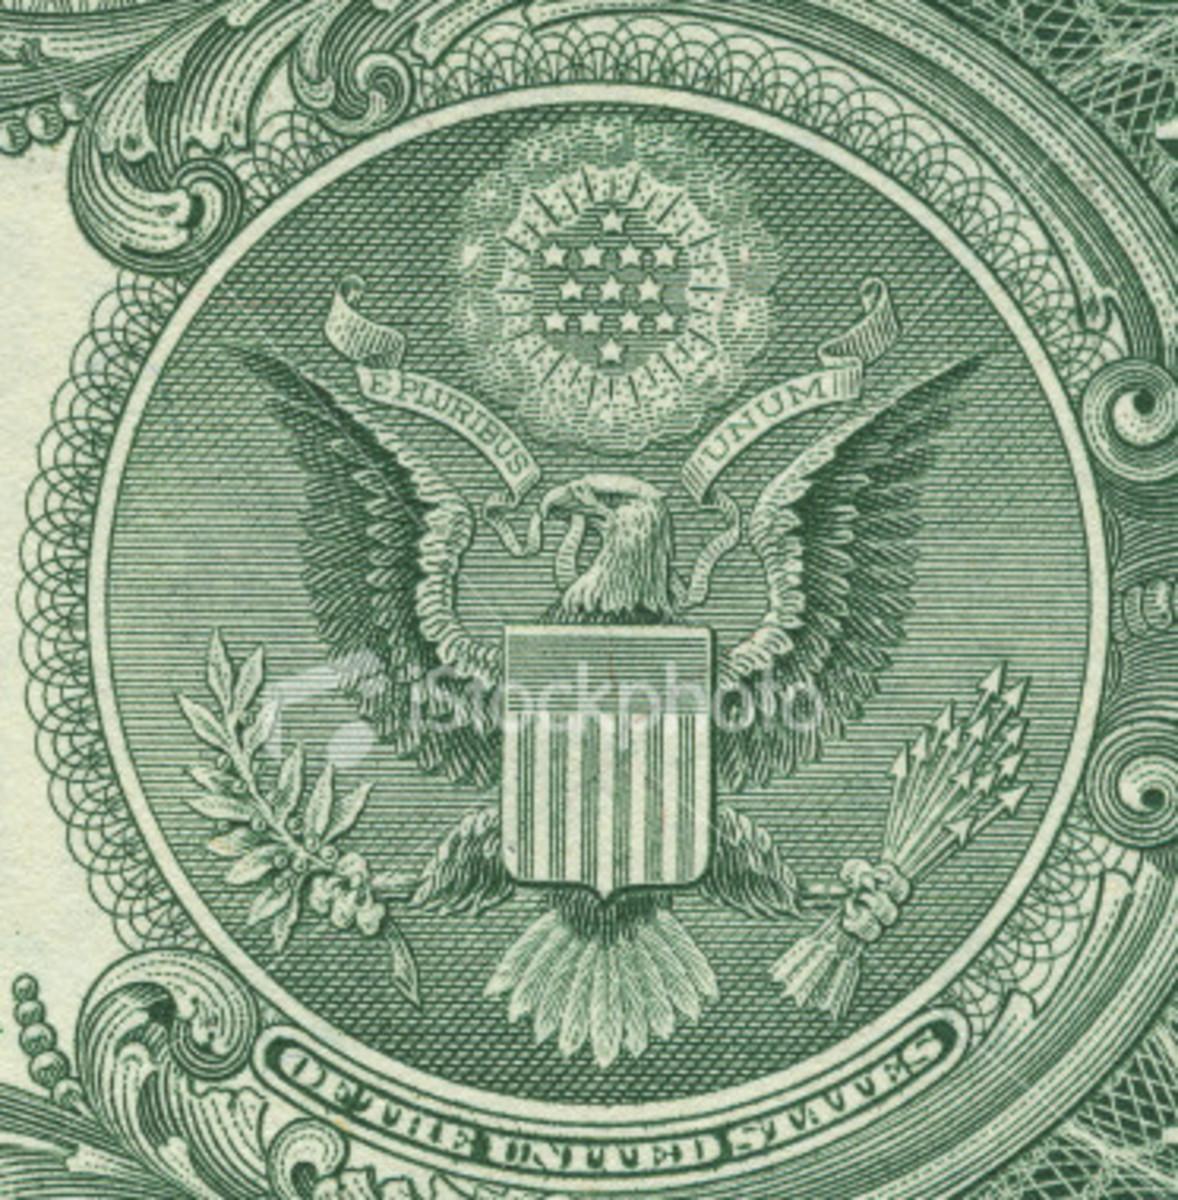 United States National Bird